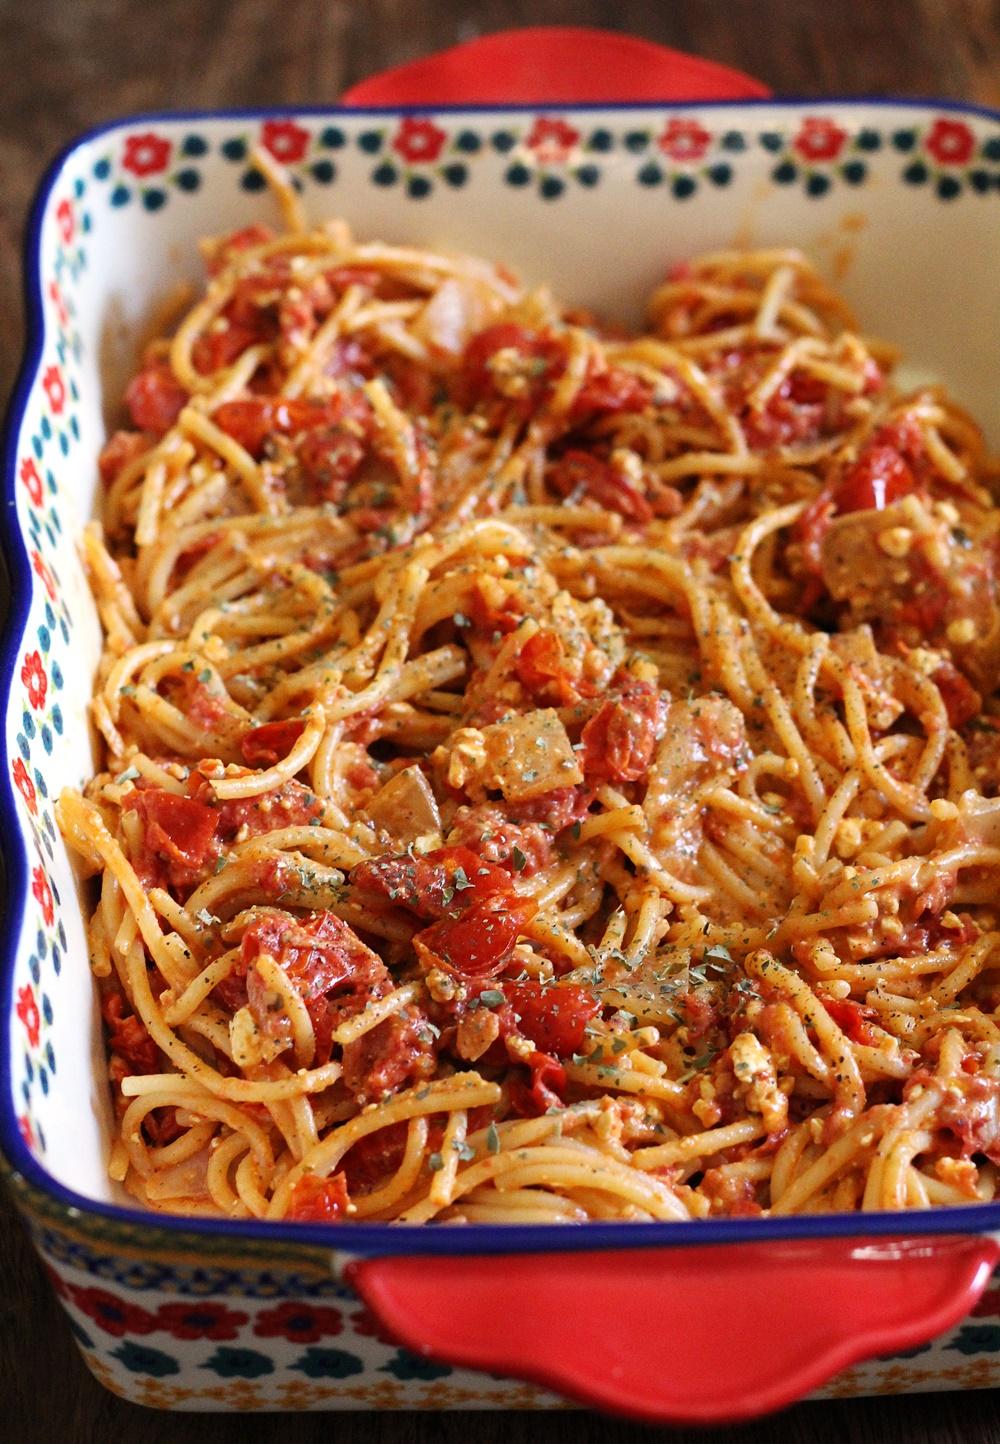 Tomato, Cream Cheese and Feta Pasta (A Twist on the Tik Tok Pasta)